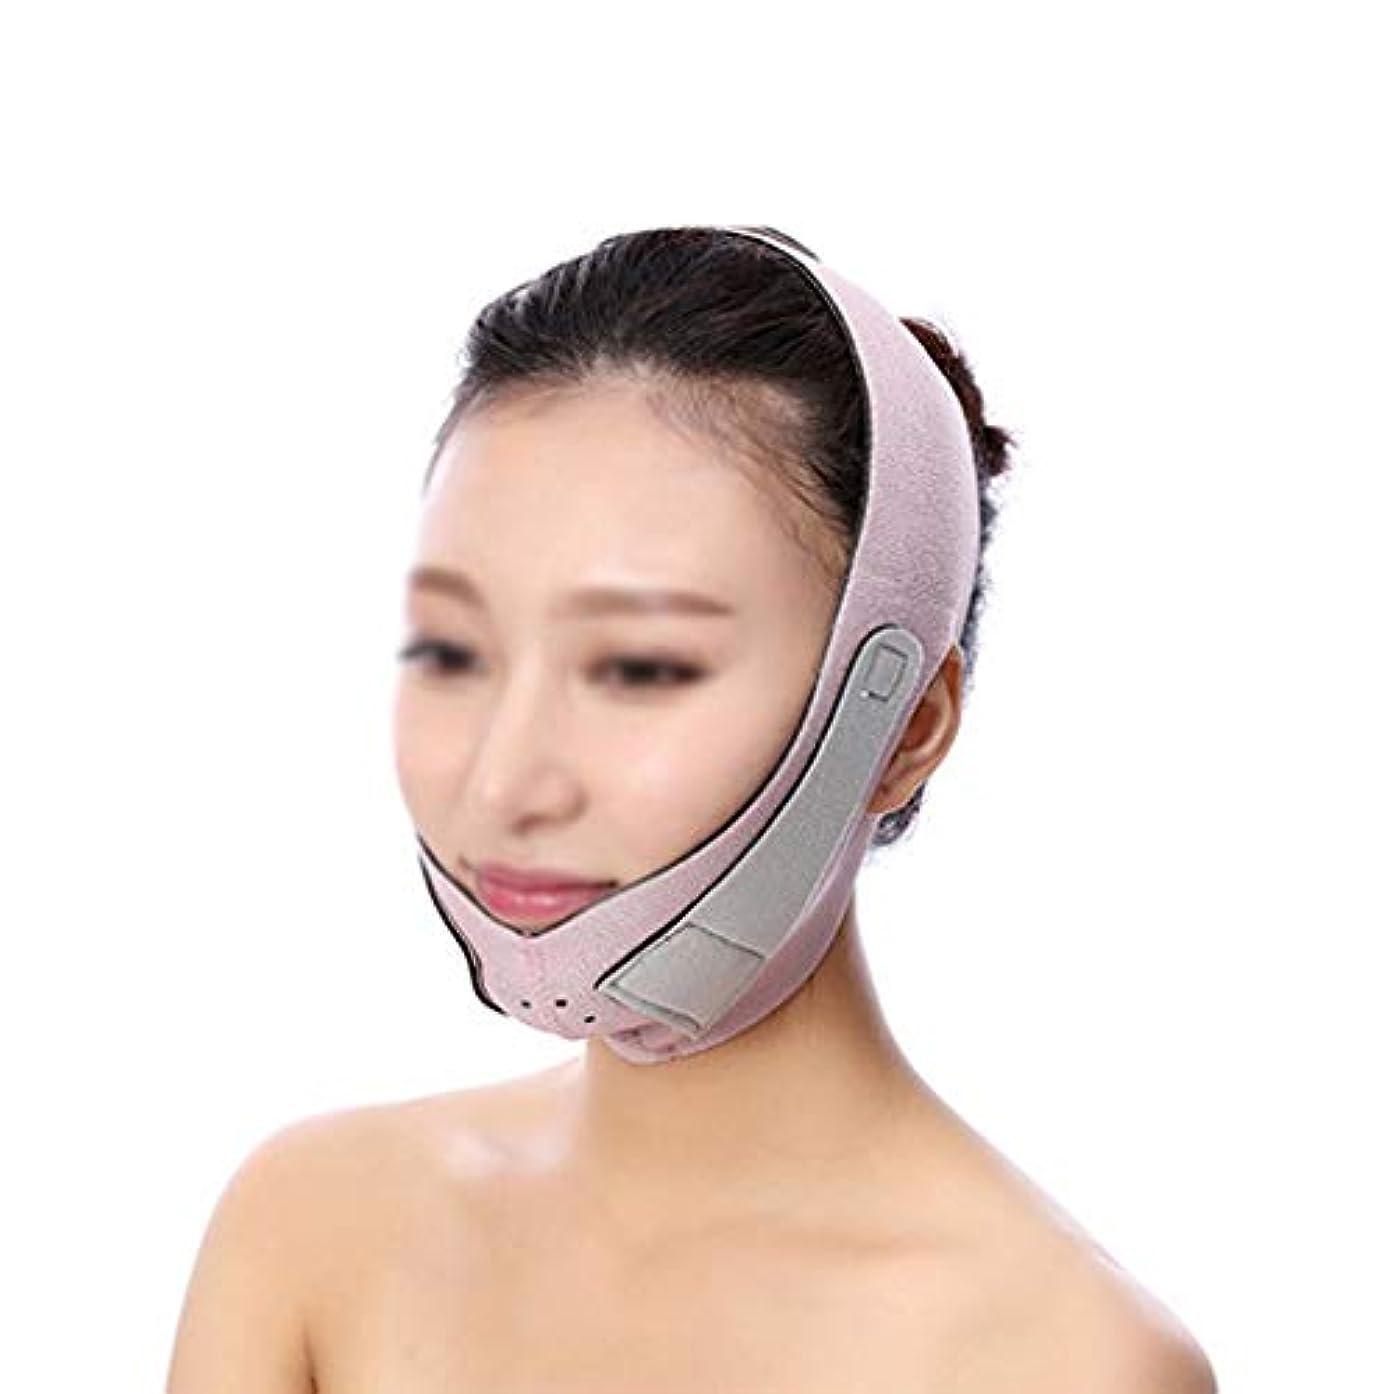 願望血トランクXHLMRMJ 薄型フェイスマスク、フェイスリフティングに最適、フェイスバンドを引き締めて肌の包帯を締め、頬あごの持ち上げ、肌の包帯を引き締める(ワンサイズはすべてにフィット) (Color : Purple)